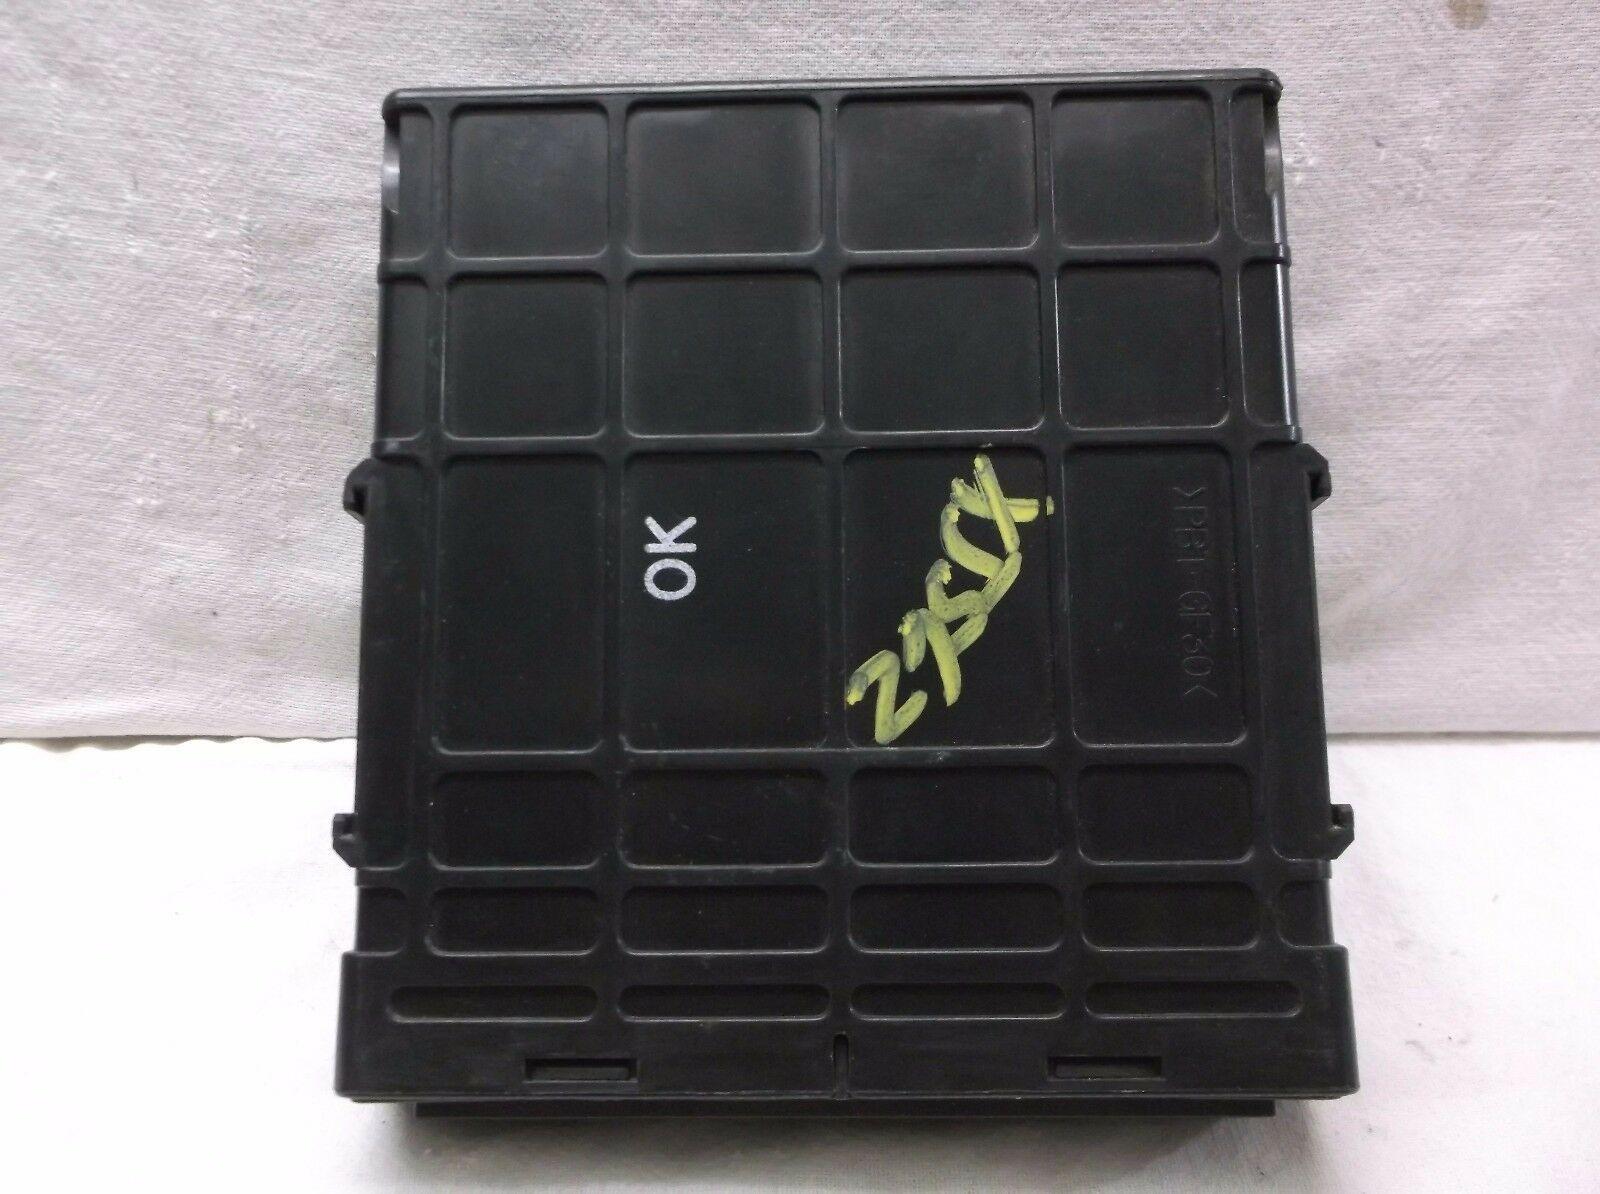 2002  02 Kia Sedona Engine Control Module  Computer  Ecu  Ecm  Pcm